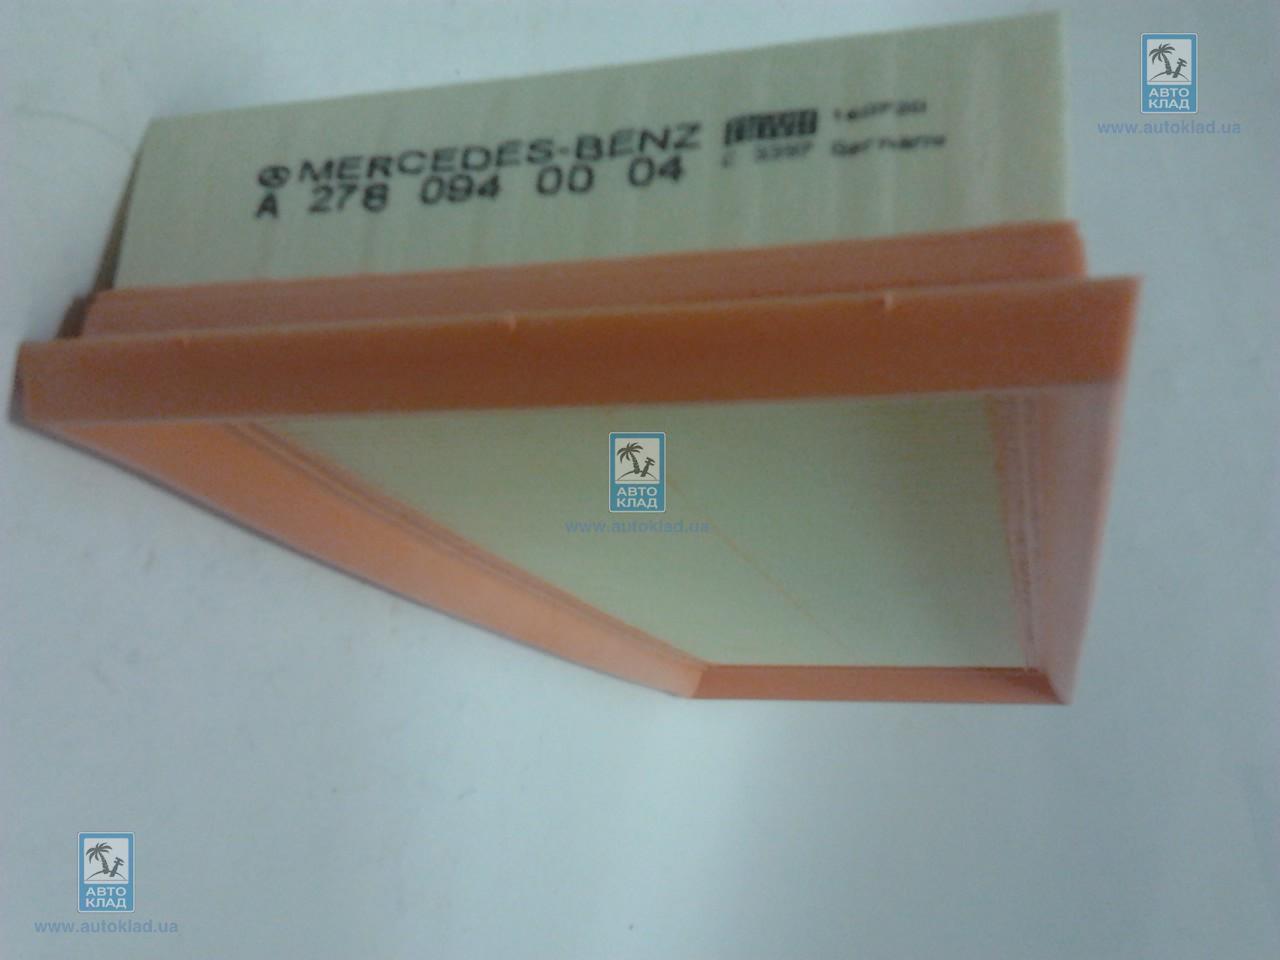 Фильтр воздушный MERCEDES A 278 094 00 04